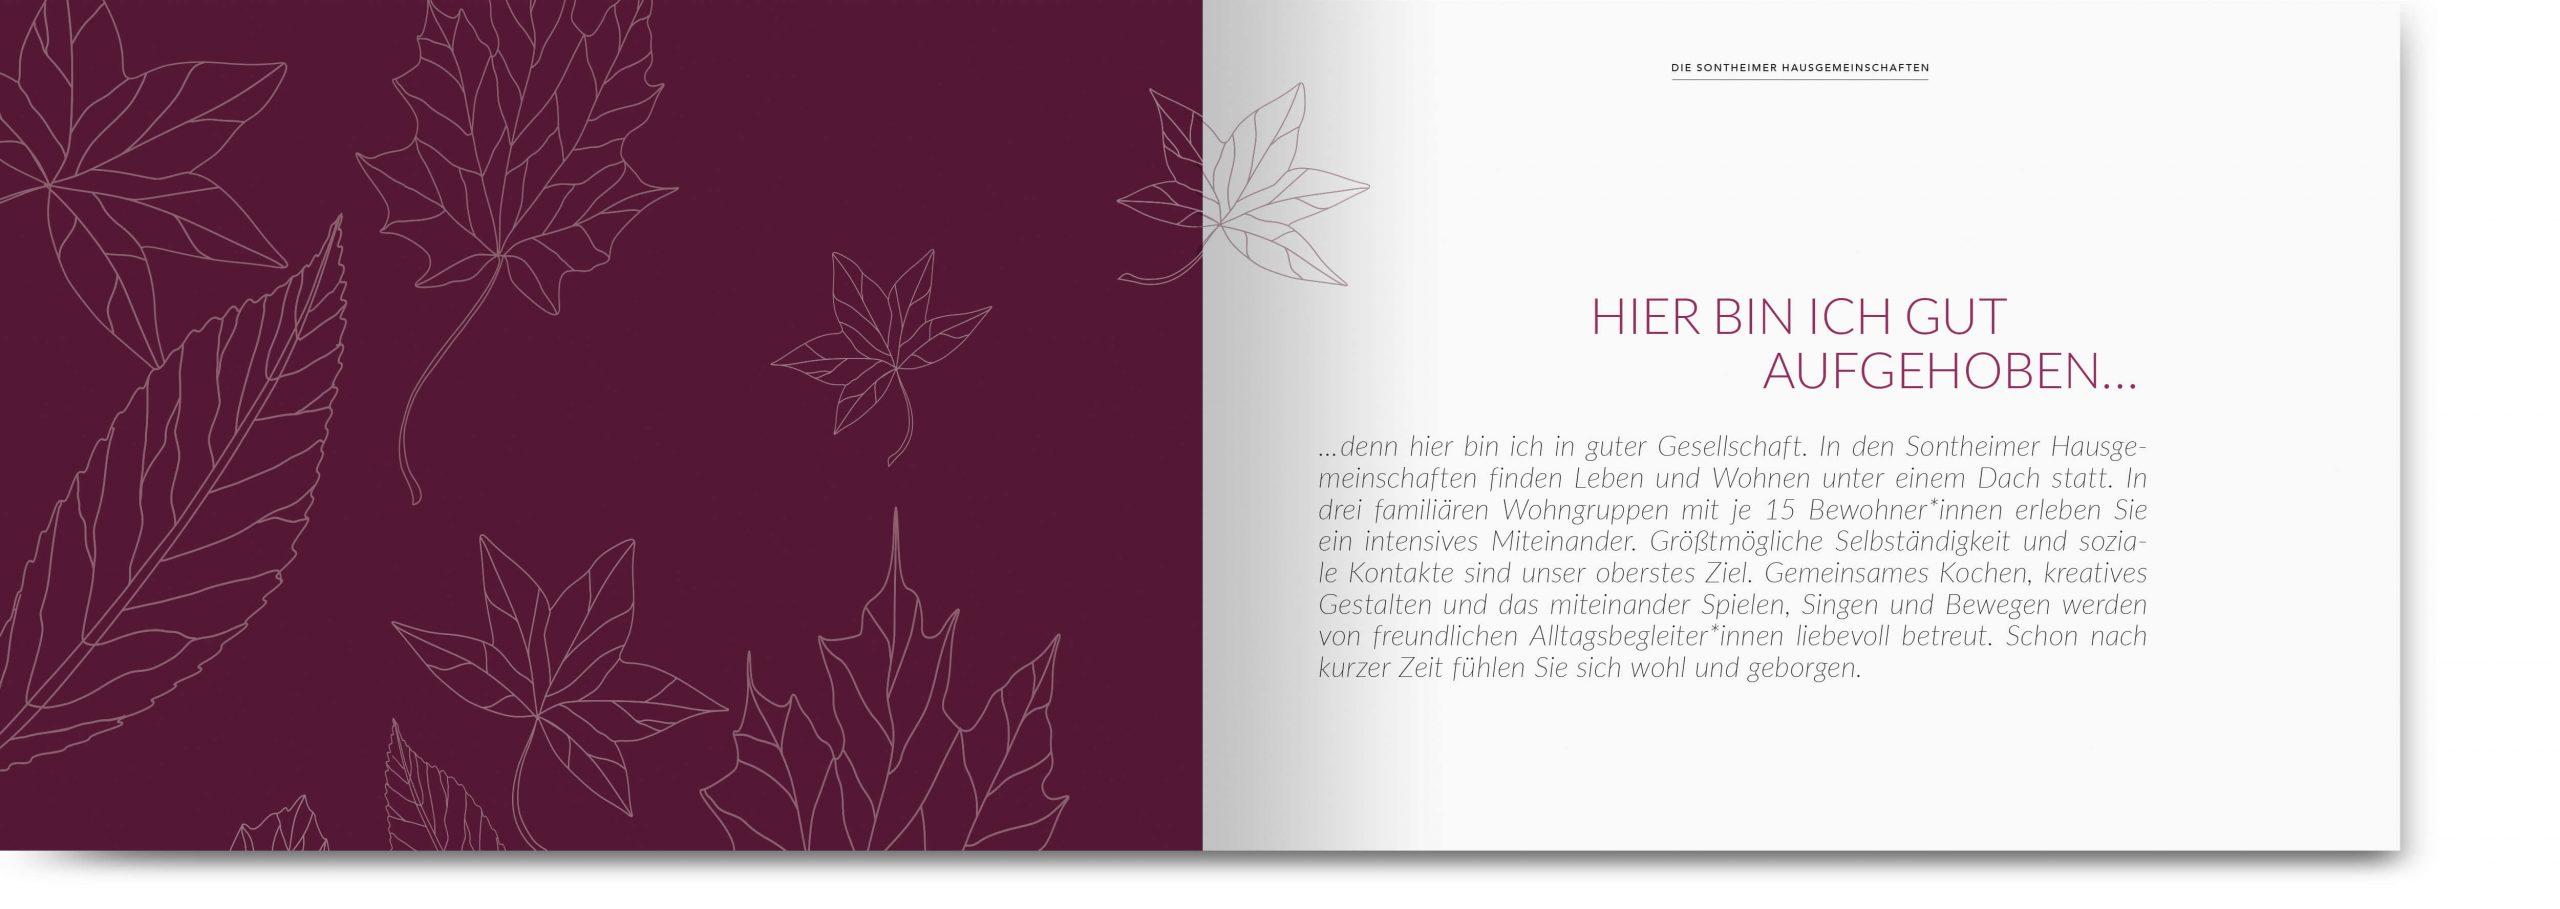 fh-web-asb-broschüren-sontheim-1-scaled.jpg